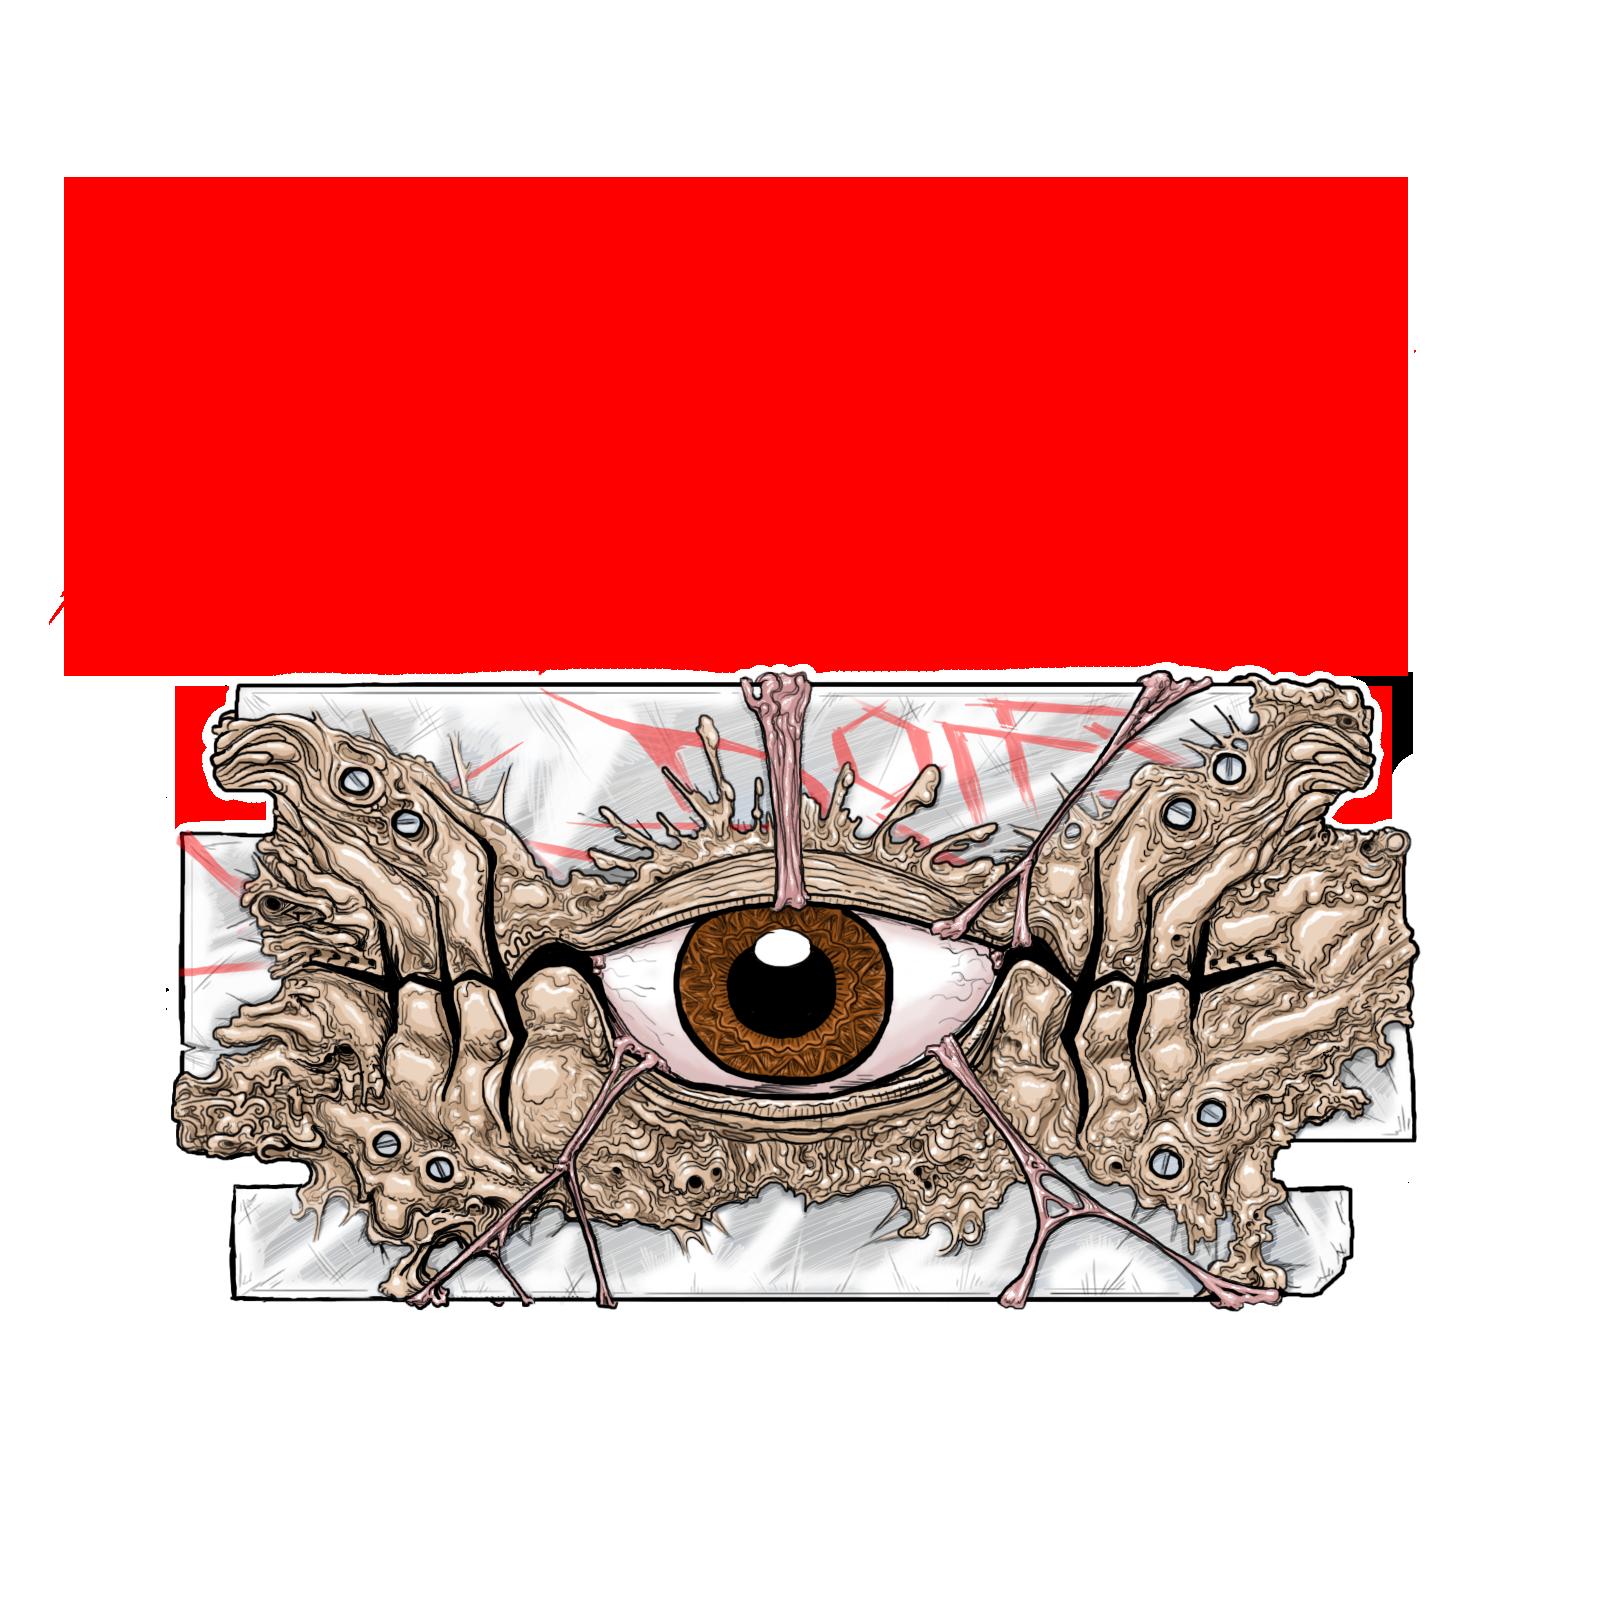 The Razorblade Dolls